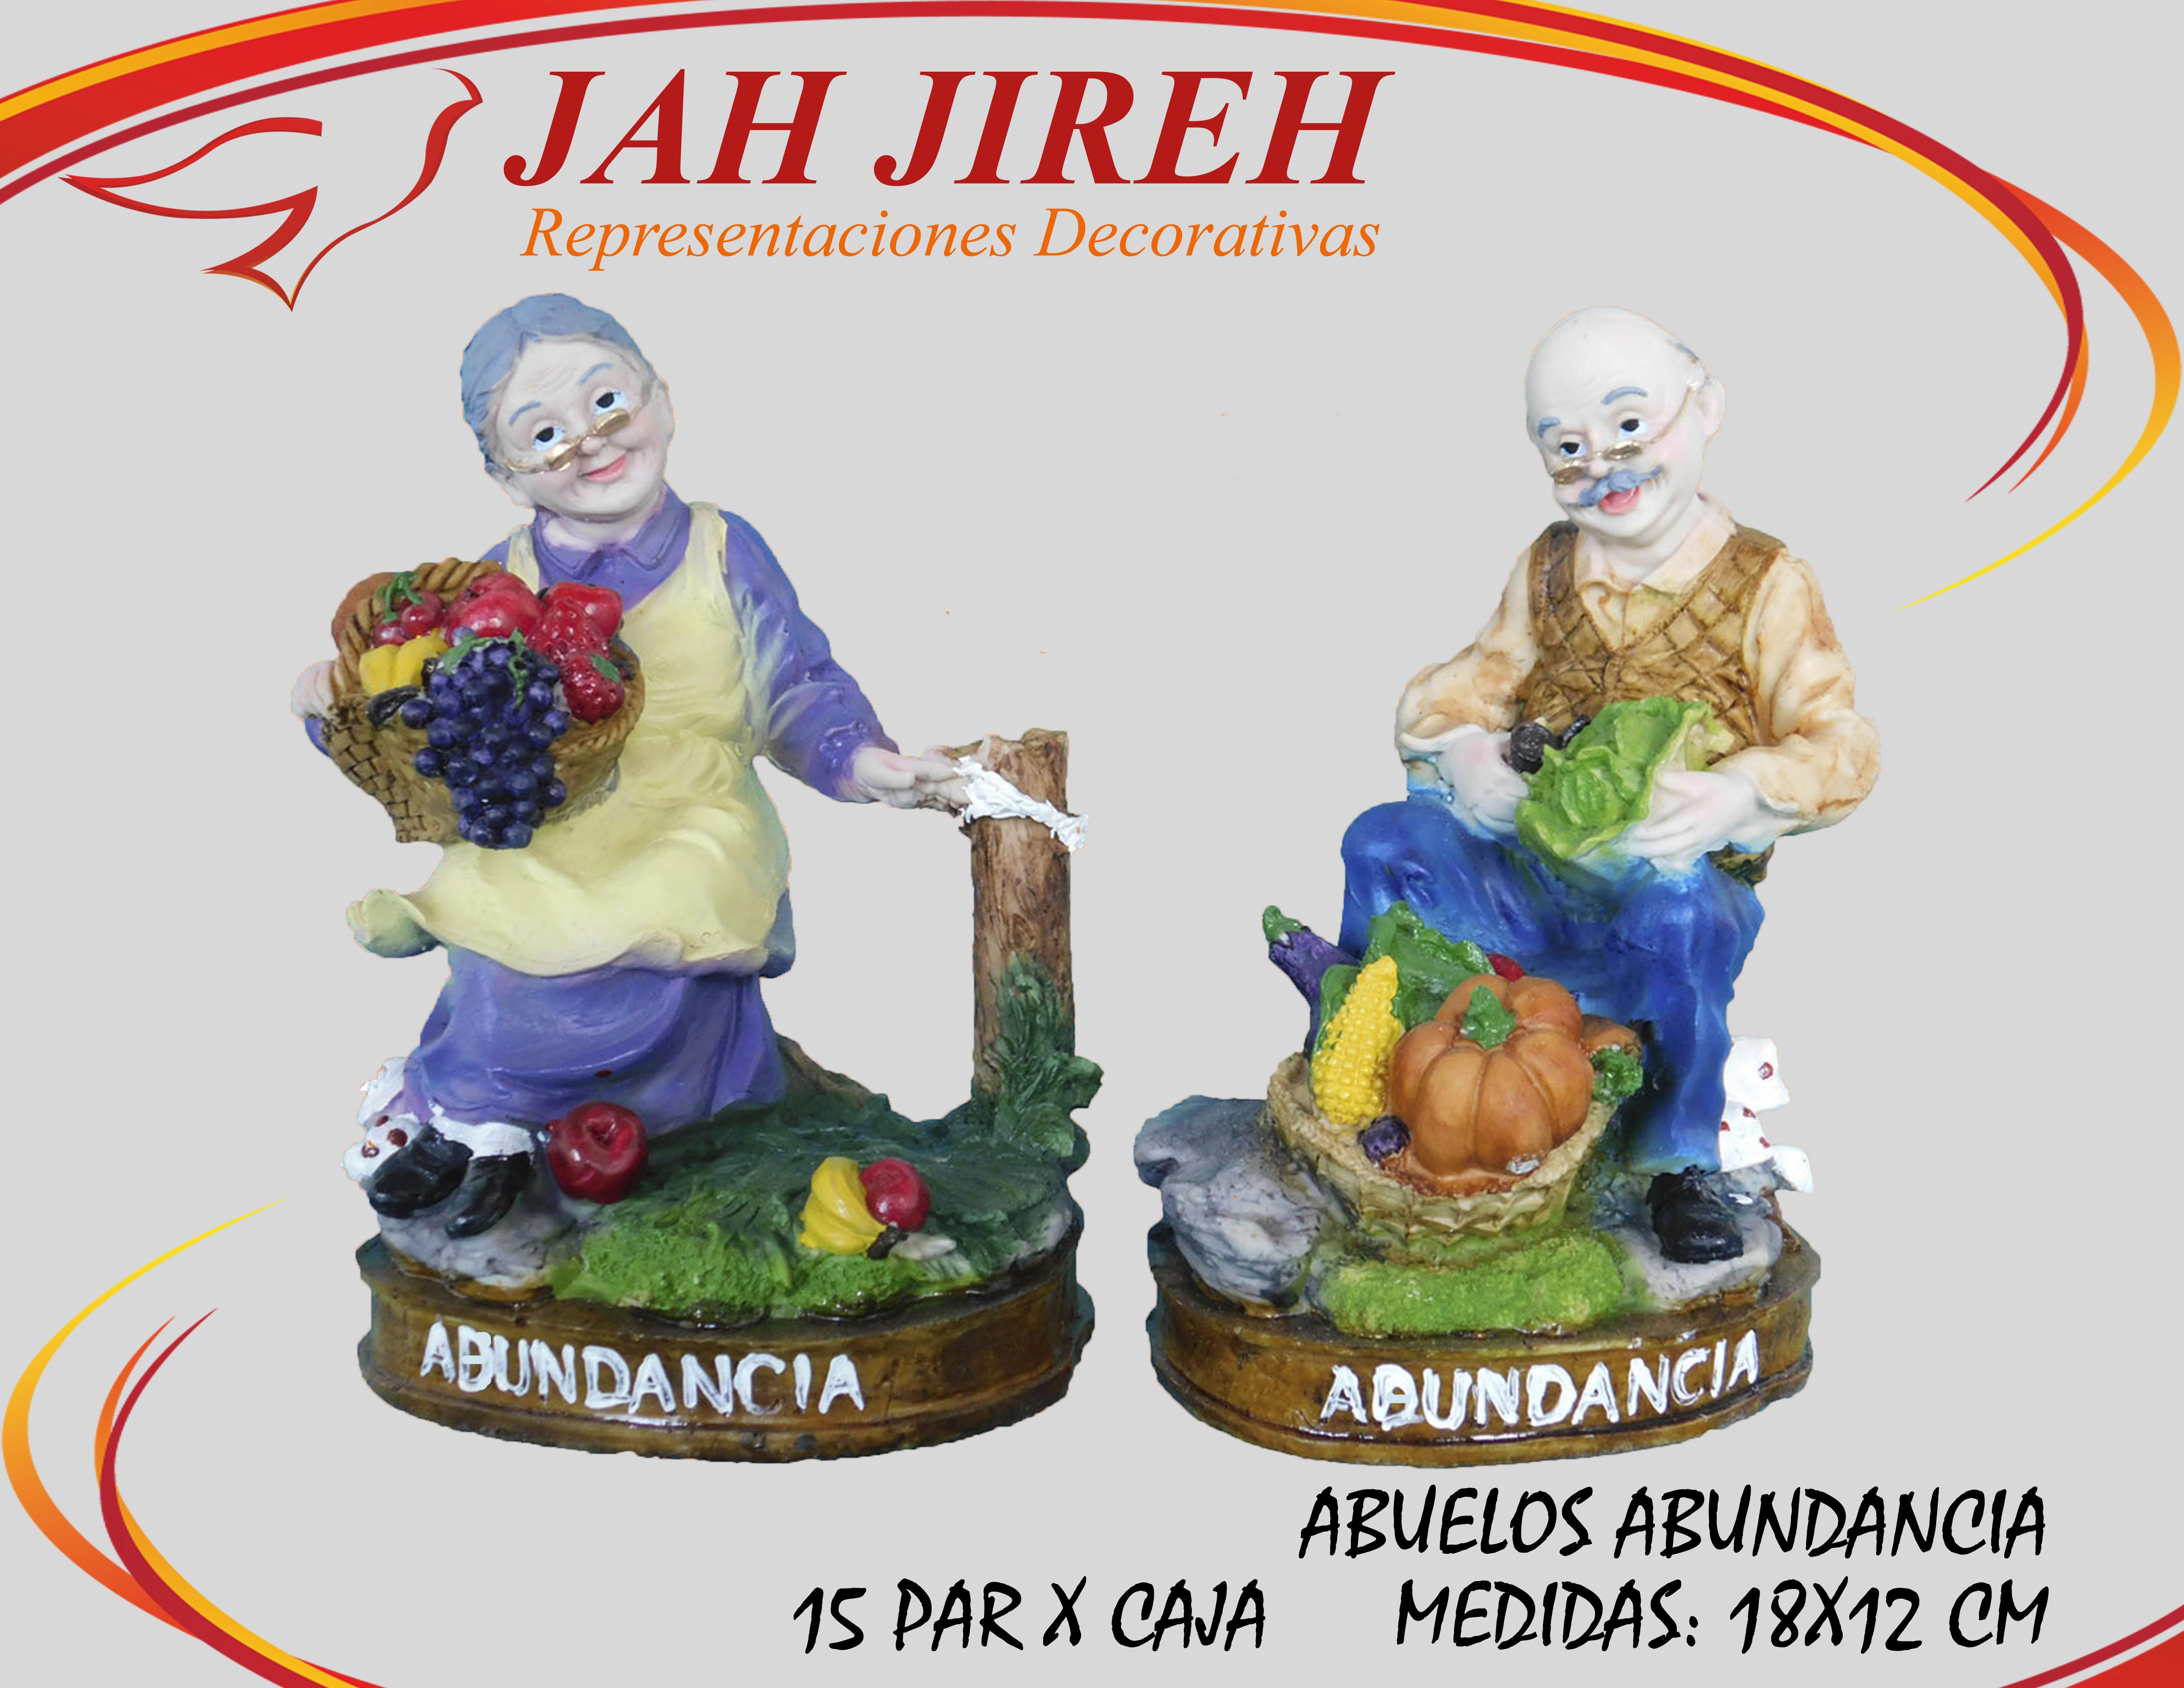 https://0201.nccdn.net/4_2/000/000/01e/76f/abuelos-abundancia.jpg